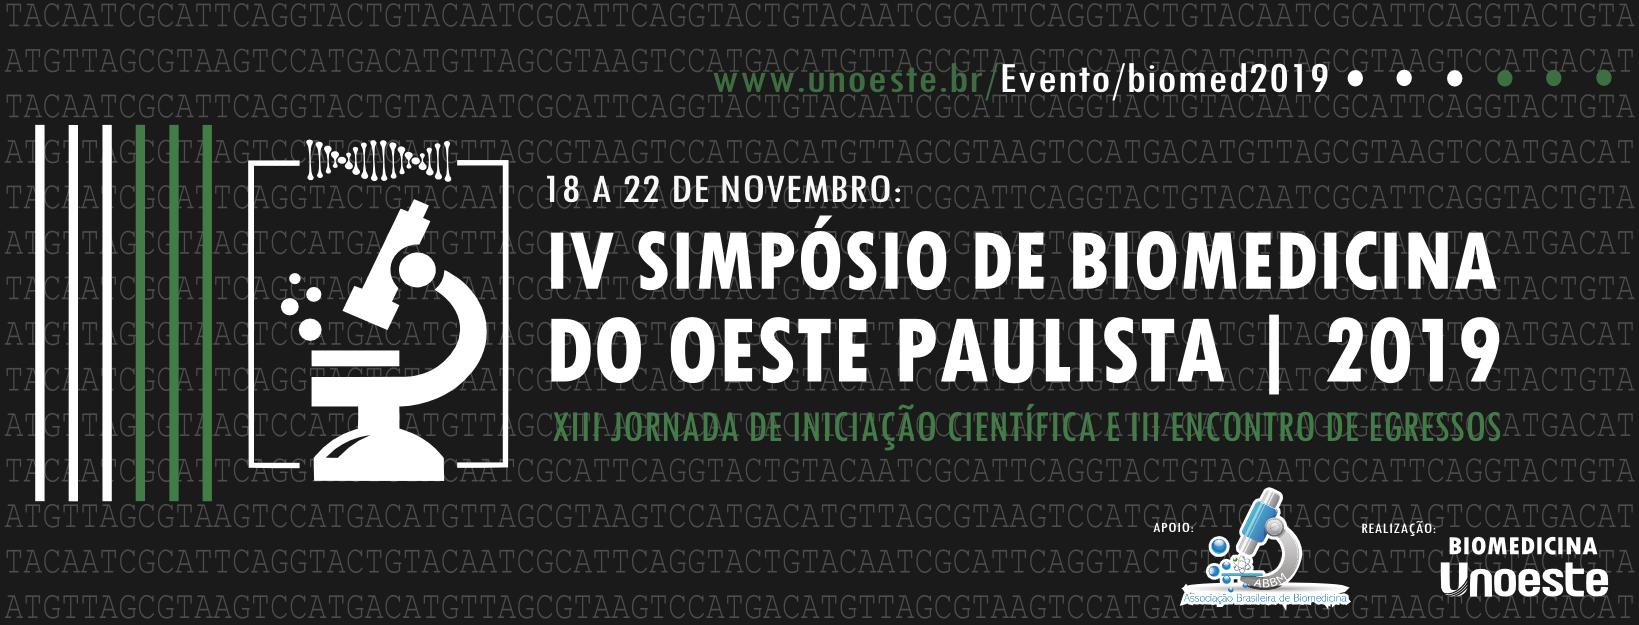 IV SIMPÓSIO DE BIOMEDICINA DO OESTE PAULISTA